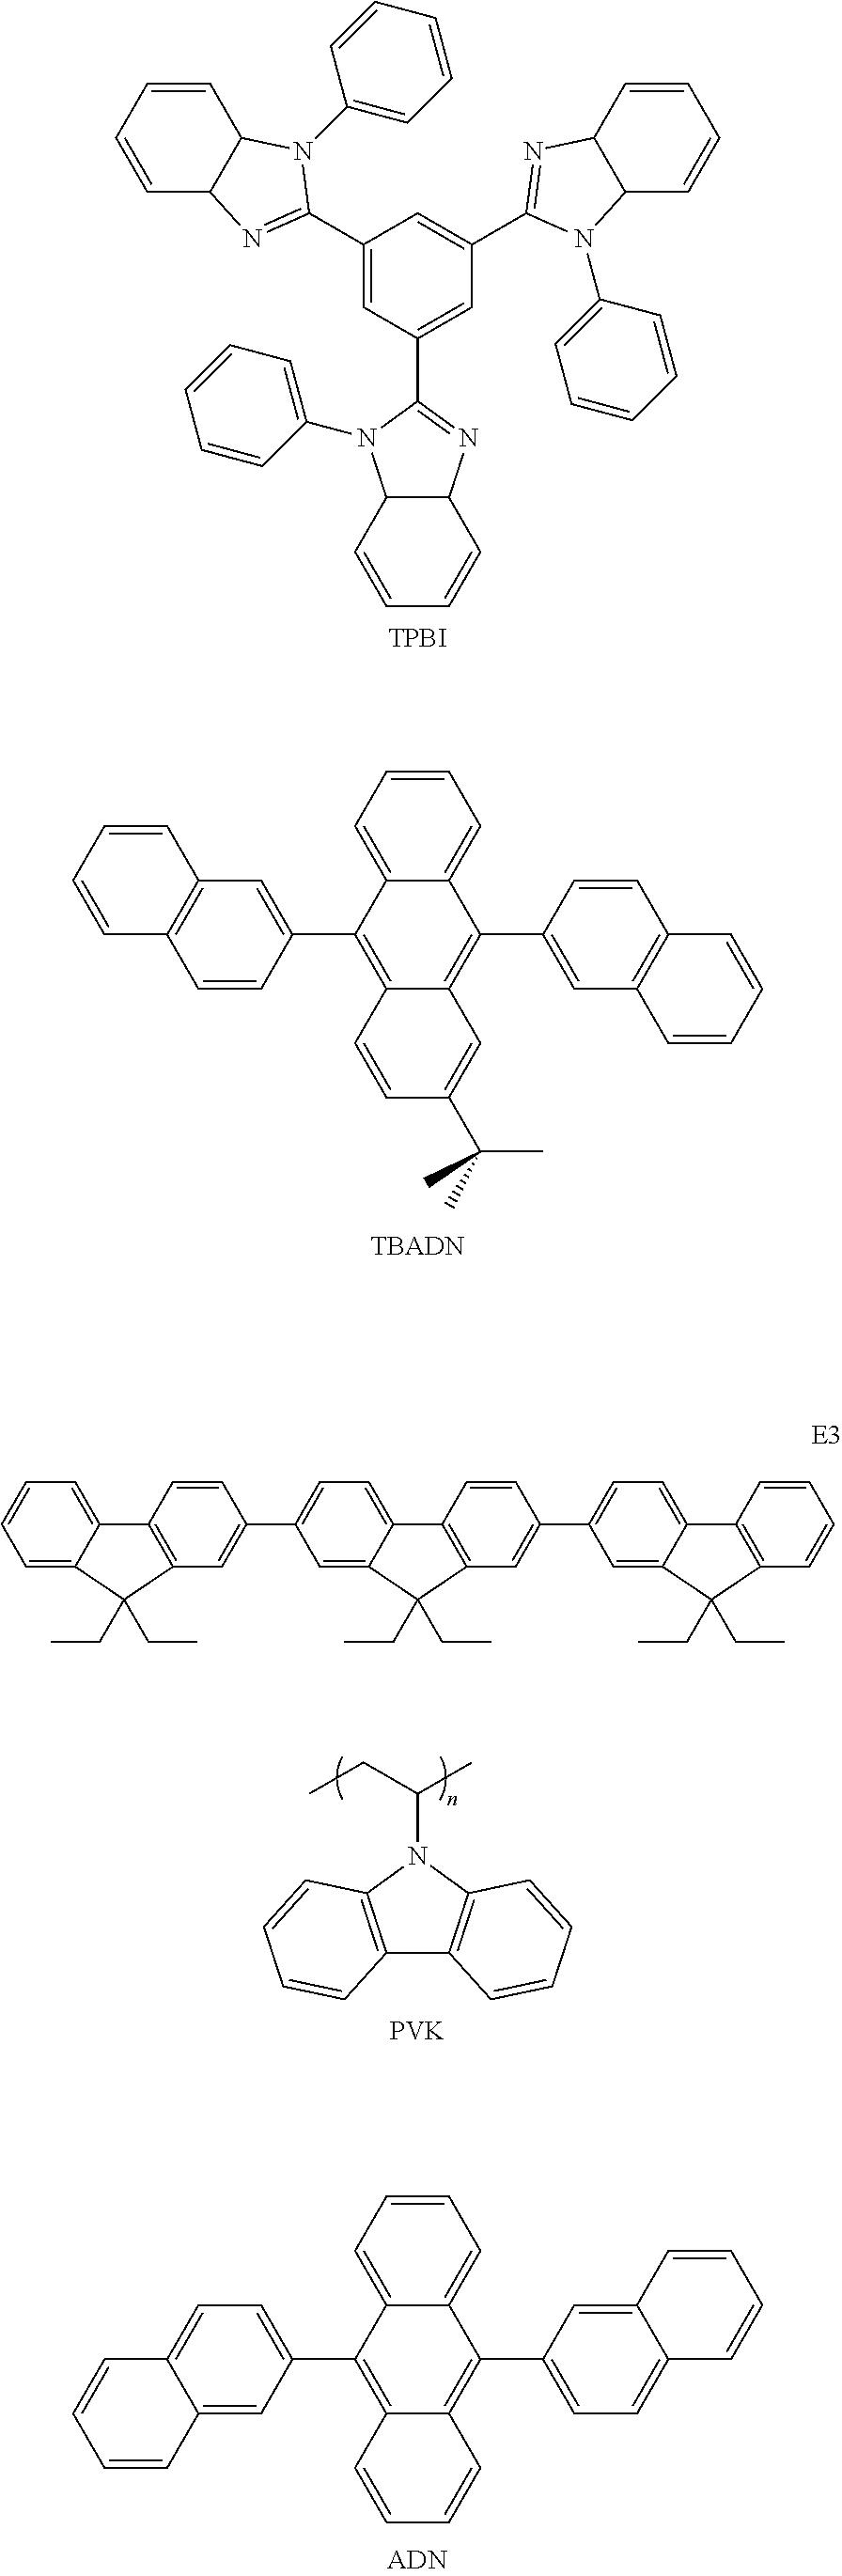 Figure US20110215308A1-20110908-C00015